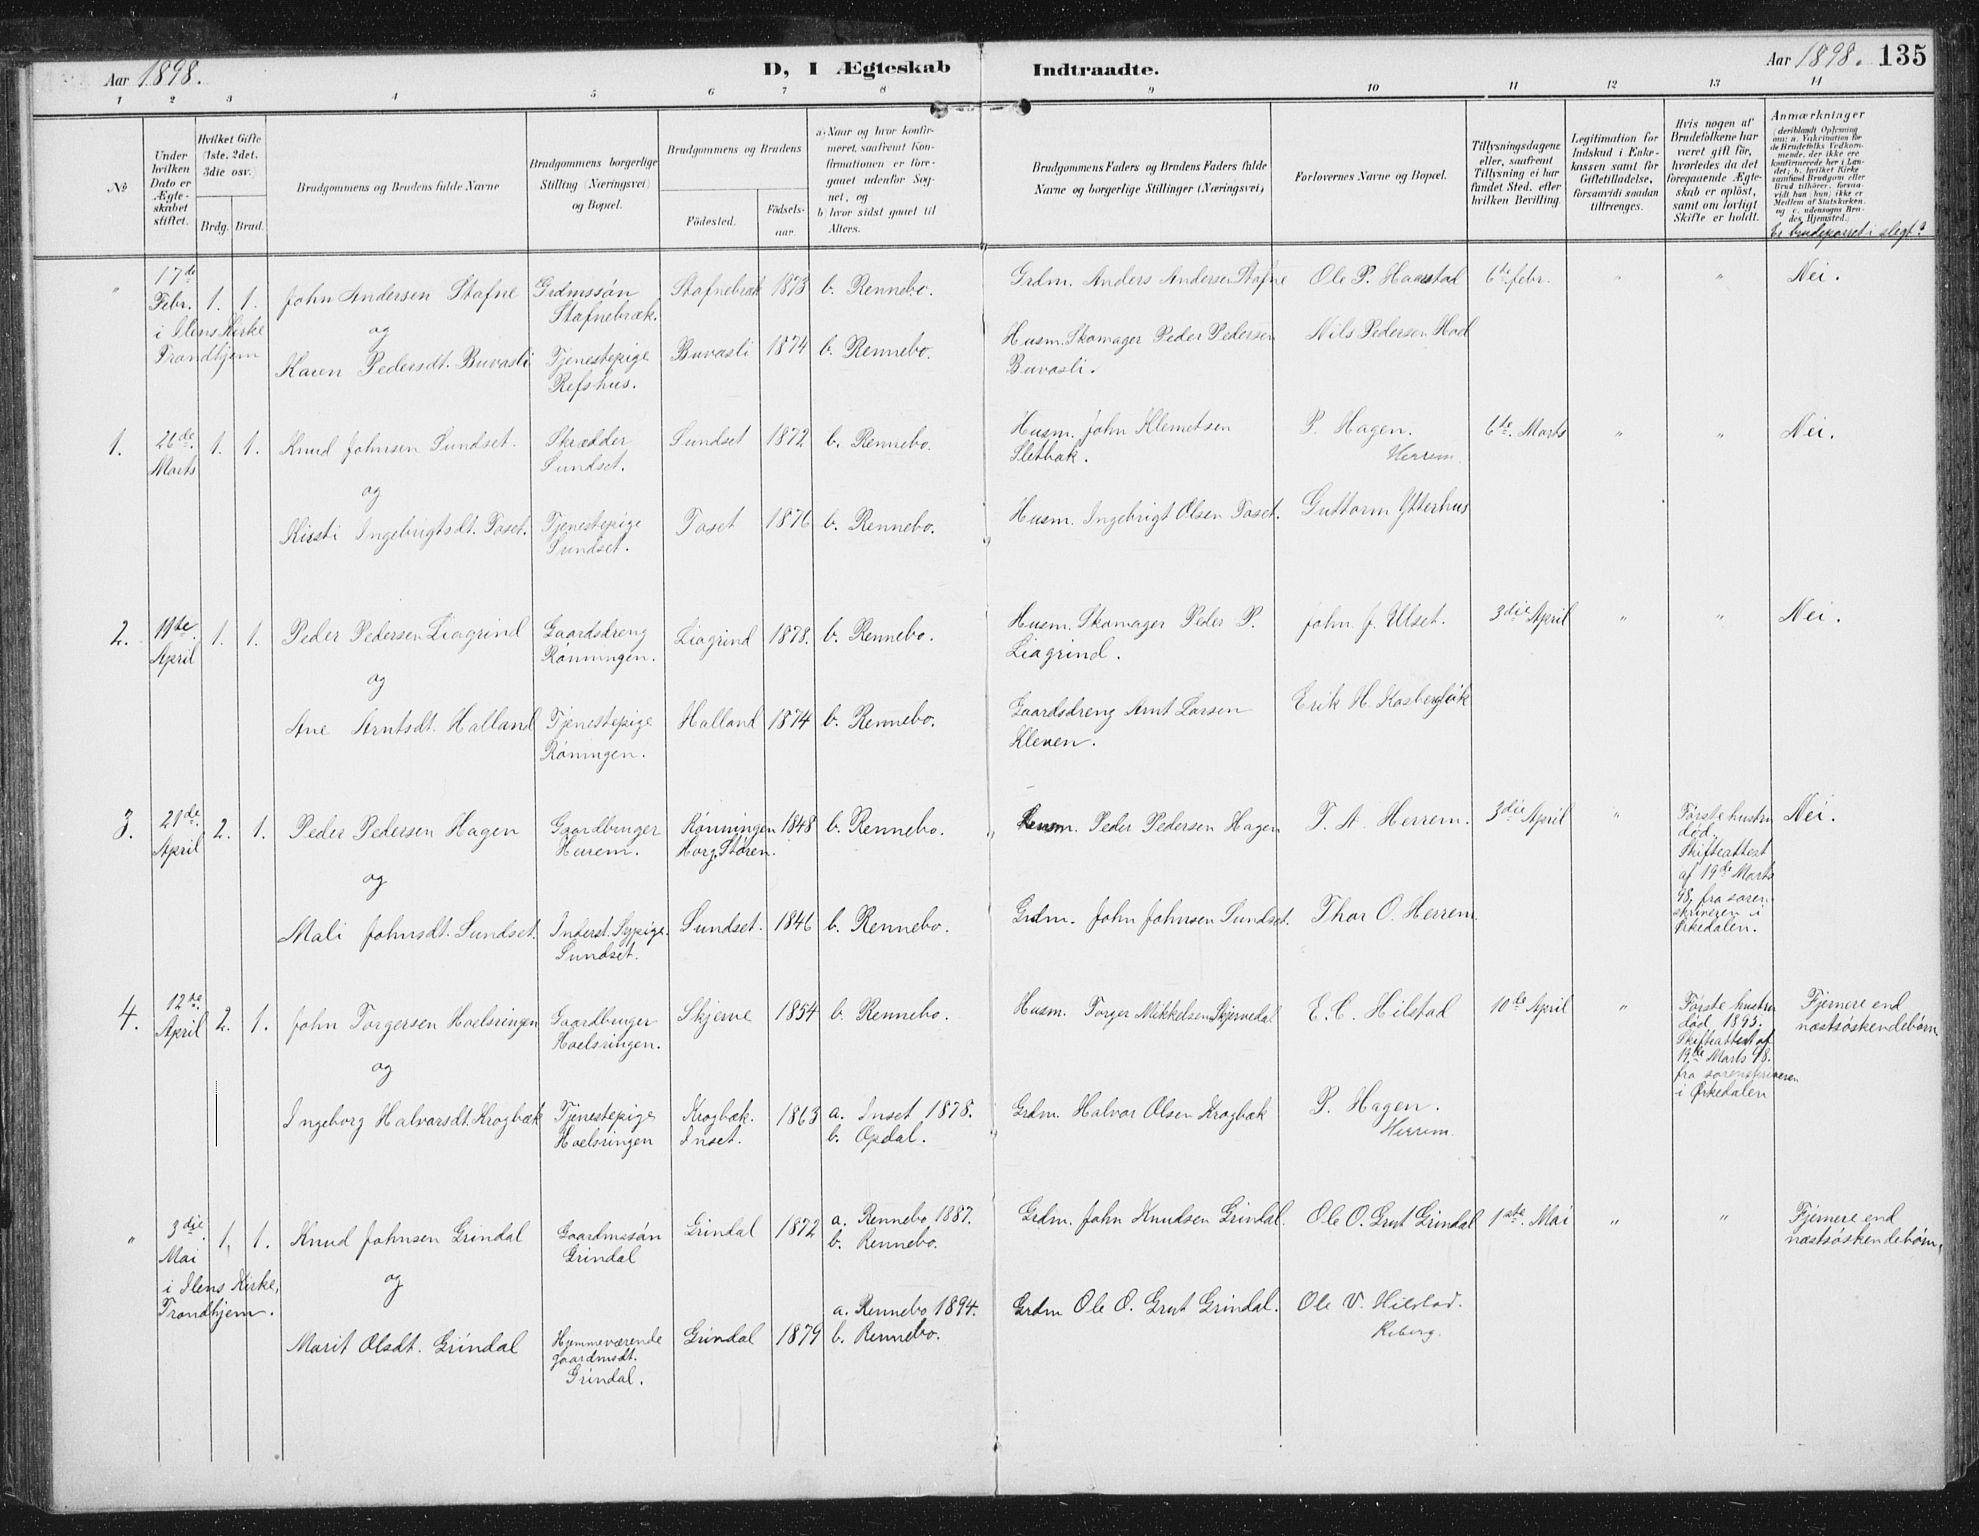 SAT, Ministerialprotokoller, klokkerbøker og fødselsregistre - Sør-Trøndelag, 674/L0872: Ministerialbok nr. 674A04, 1897-1907, s. 135